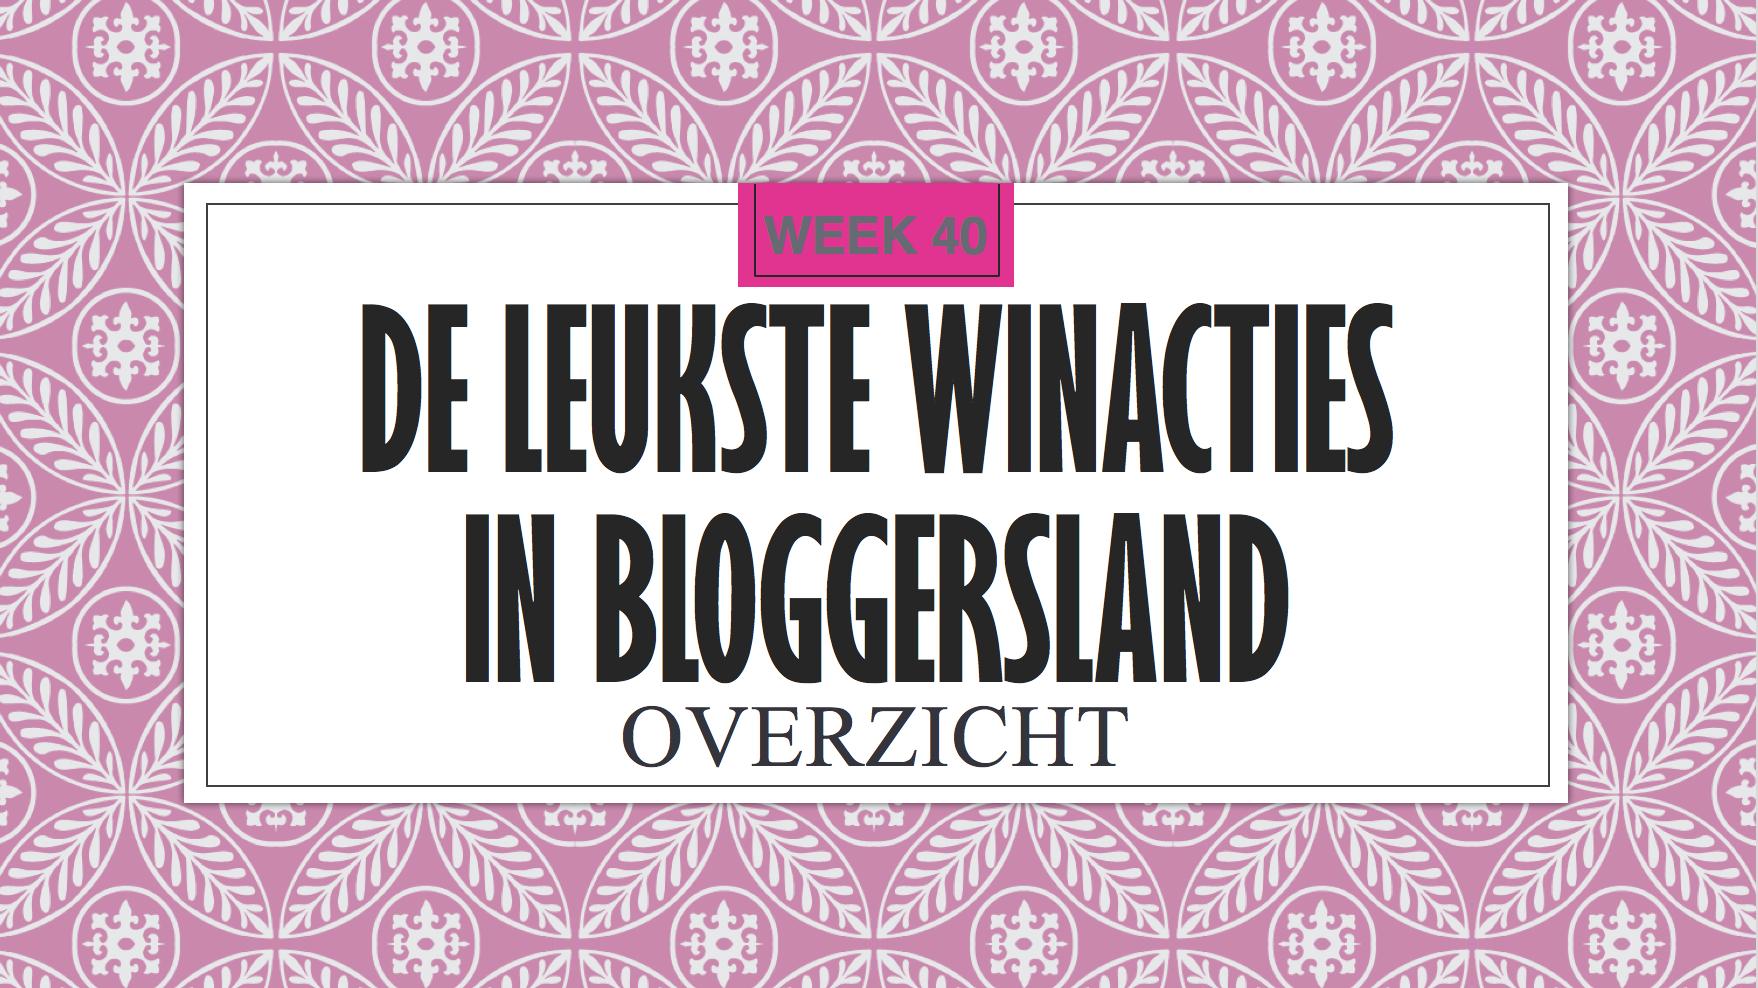 De Leukste Winacties Bloggersland week 40